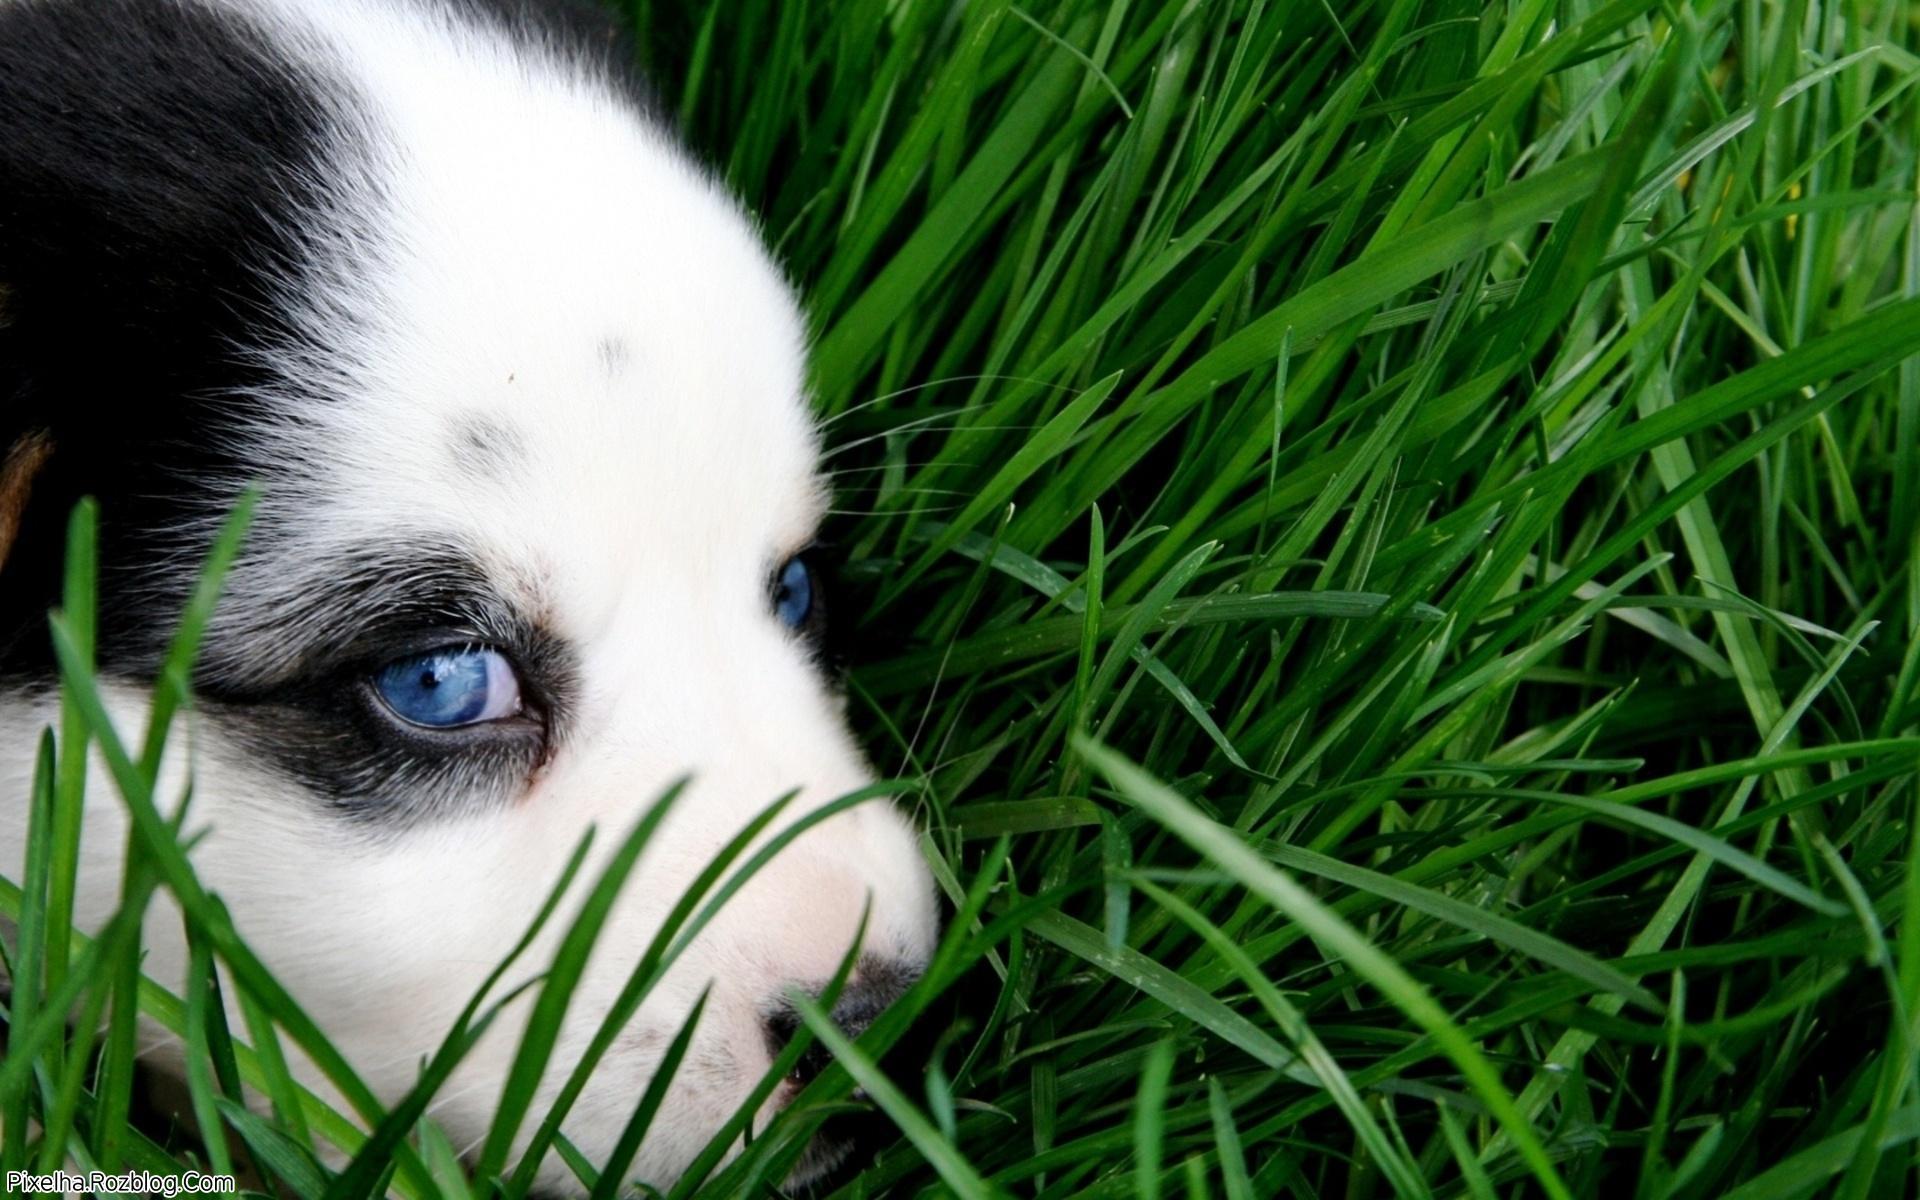 سگ با چشمان آبی